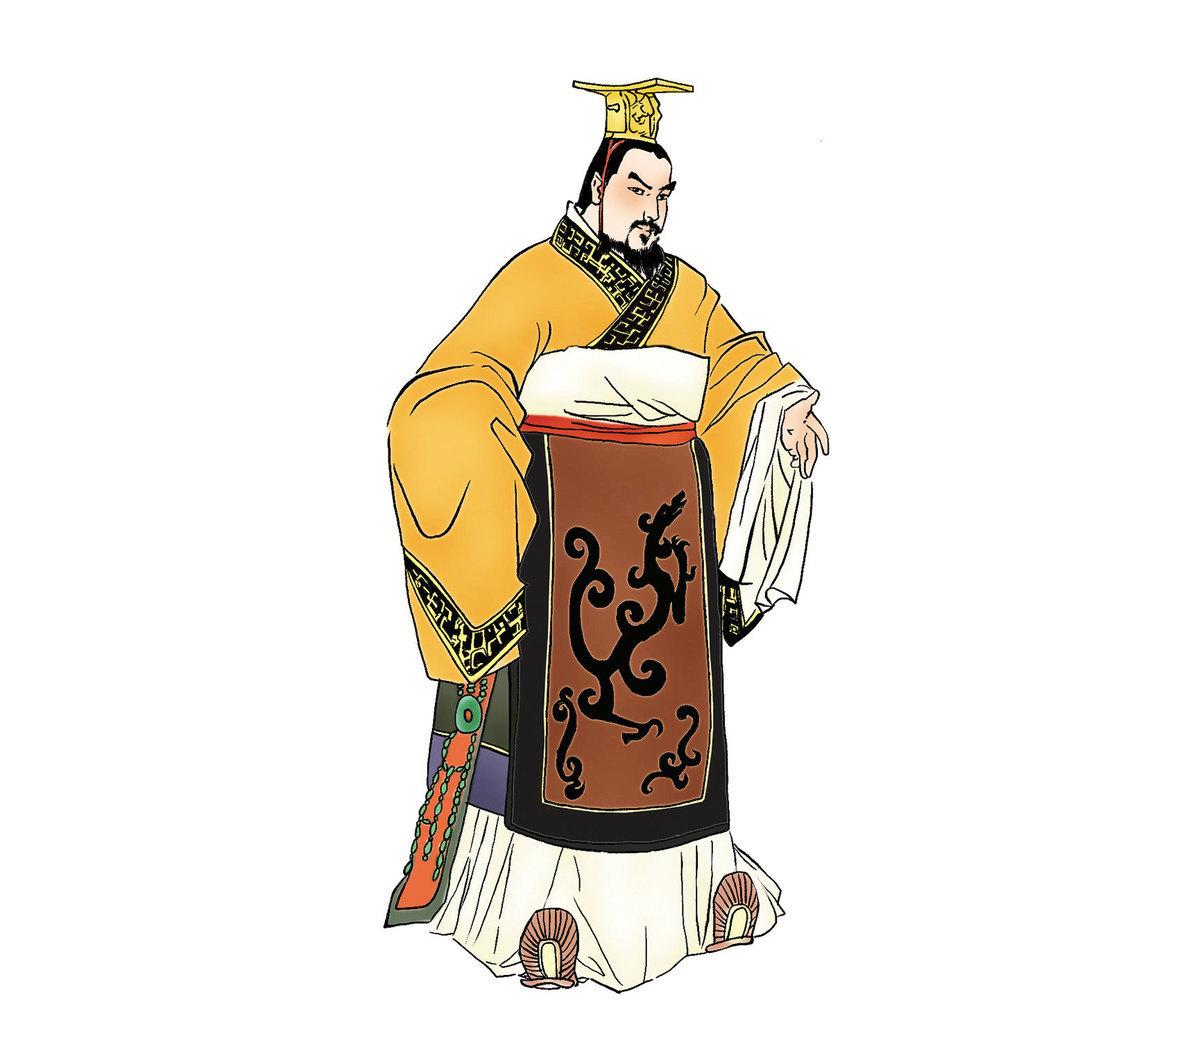 楚懷王的孫子被立為王,也叫楚懷王。(圖/新唐人電視台)